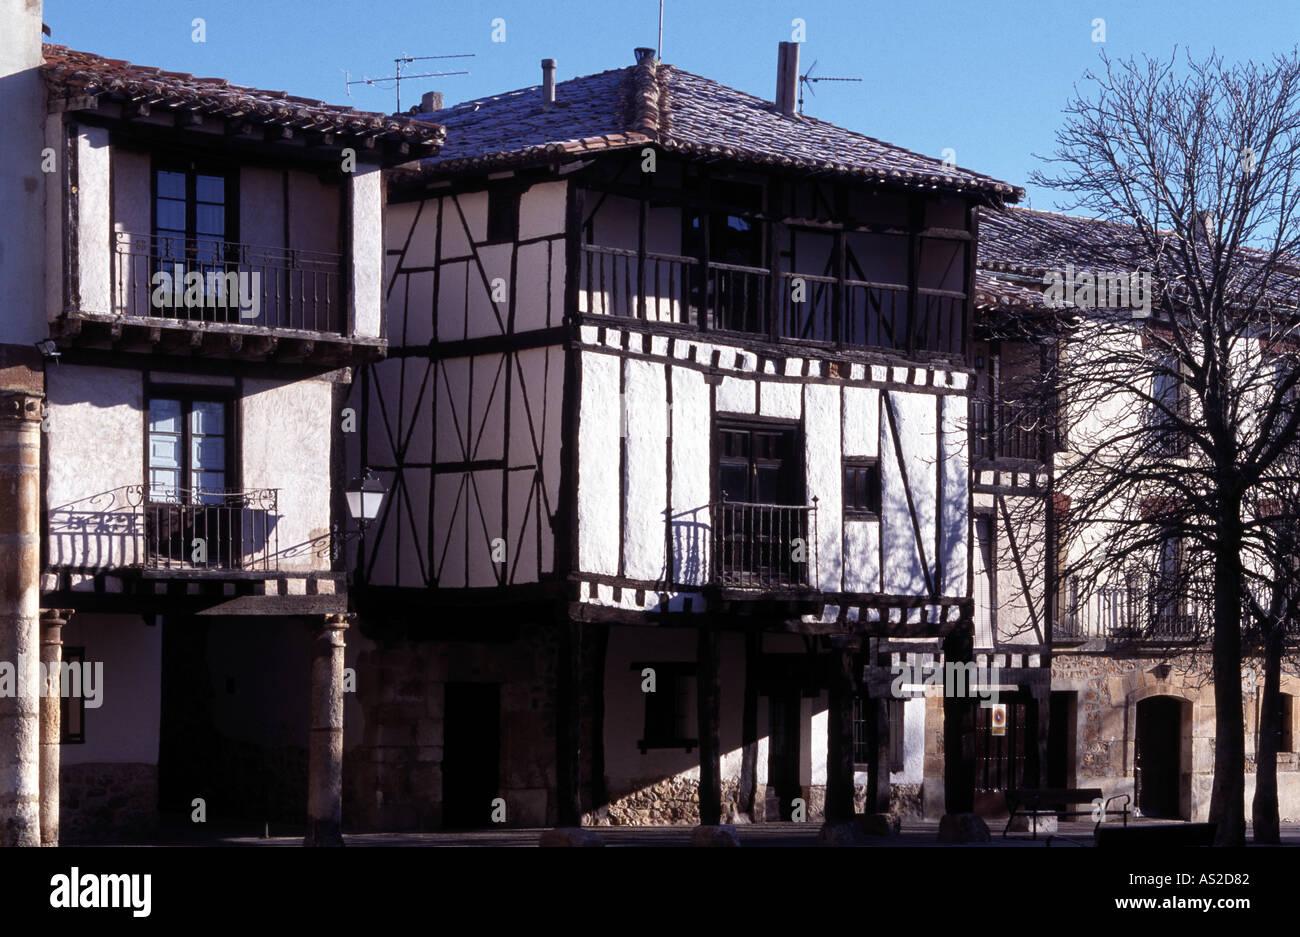 Covarrubias, Fachwerkhäuser - Stock Image